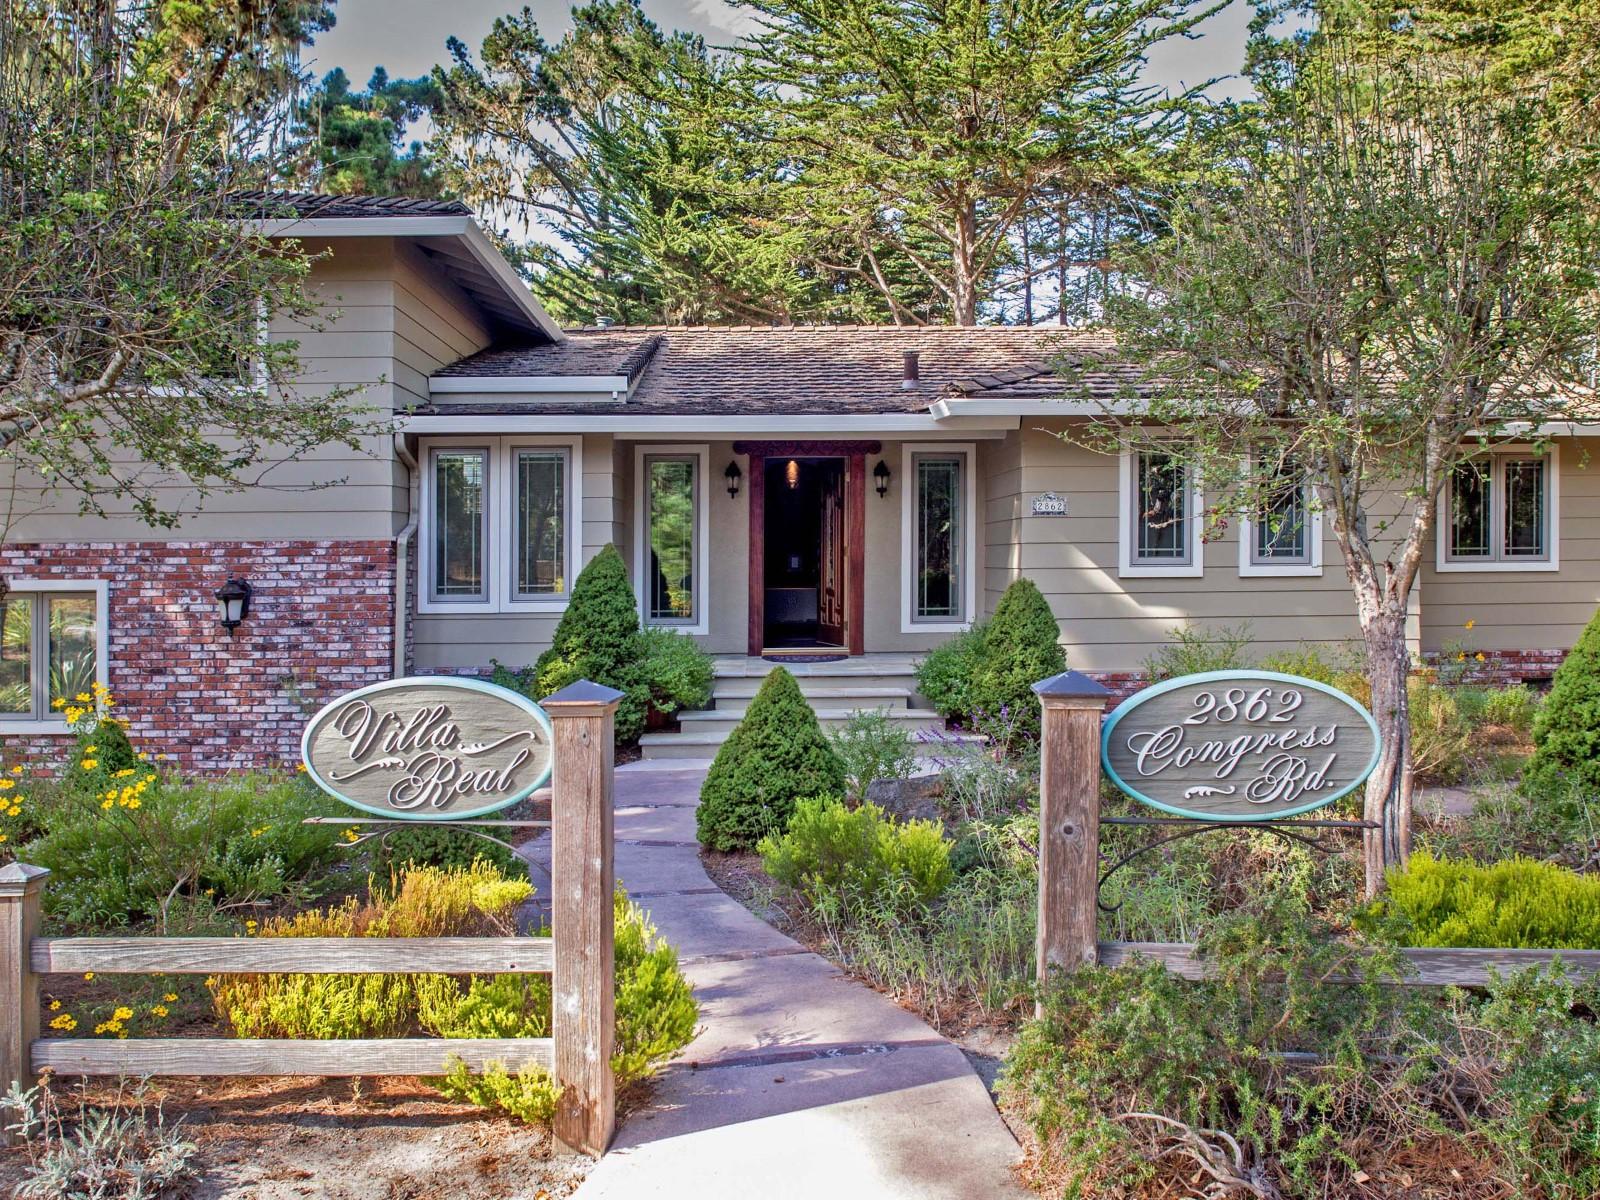 一戸建て のために 売買 アット Pebble Beach Home at 2862 Congress Road Pebble Beach, カリフォルニア 93953 アメリカ合衆国